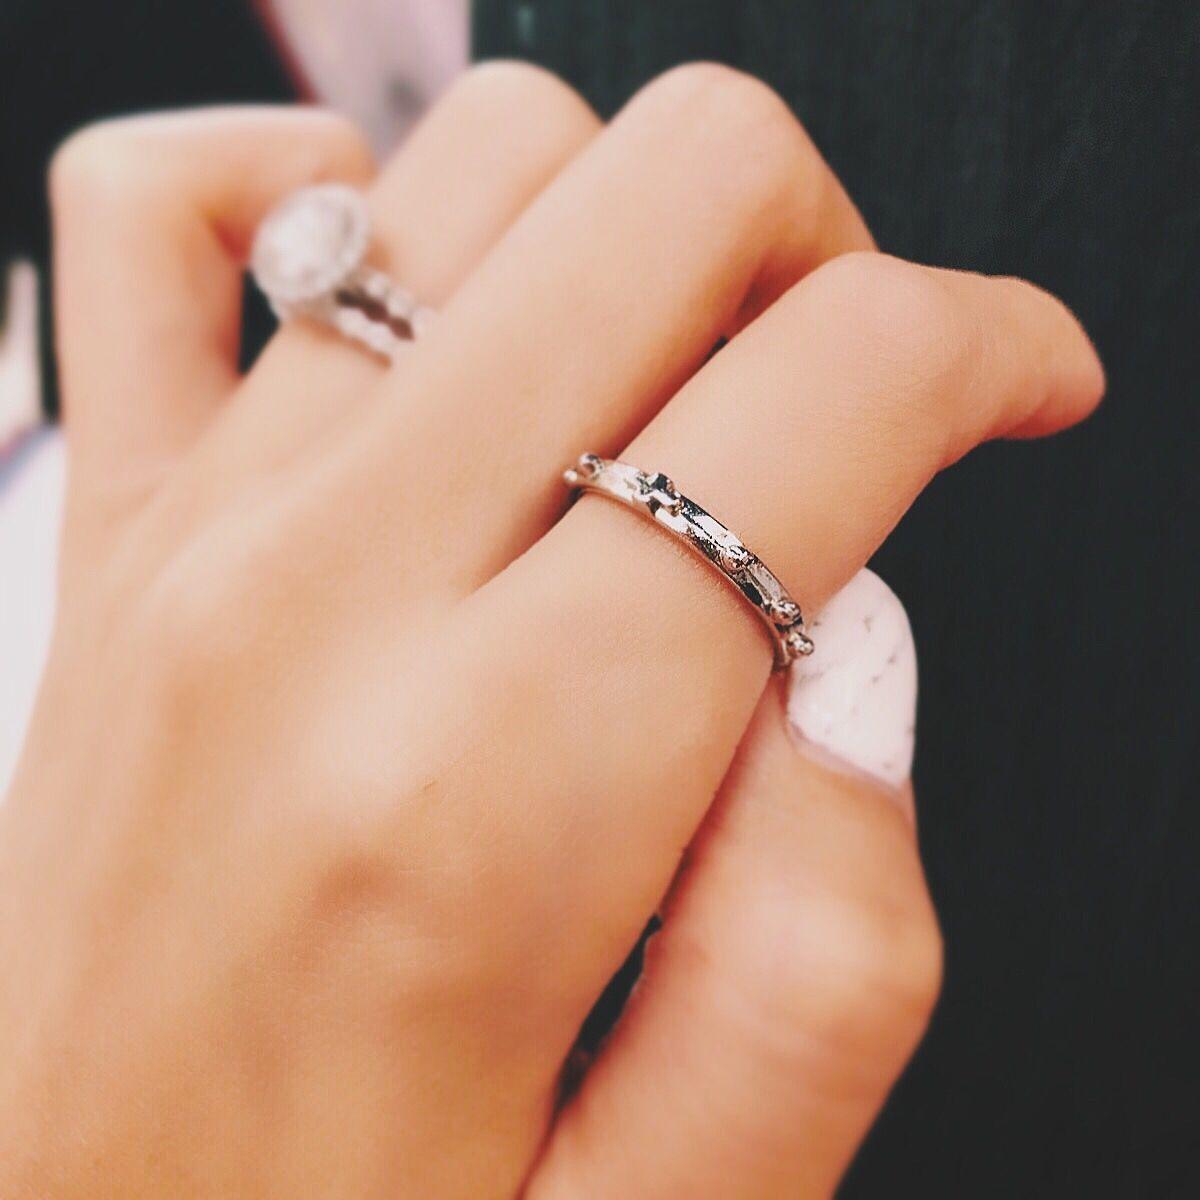 Rosary ring nus world pinterest